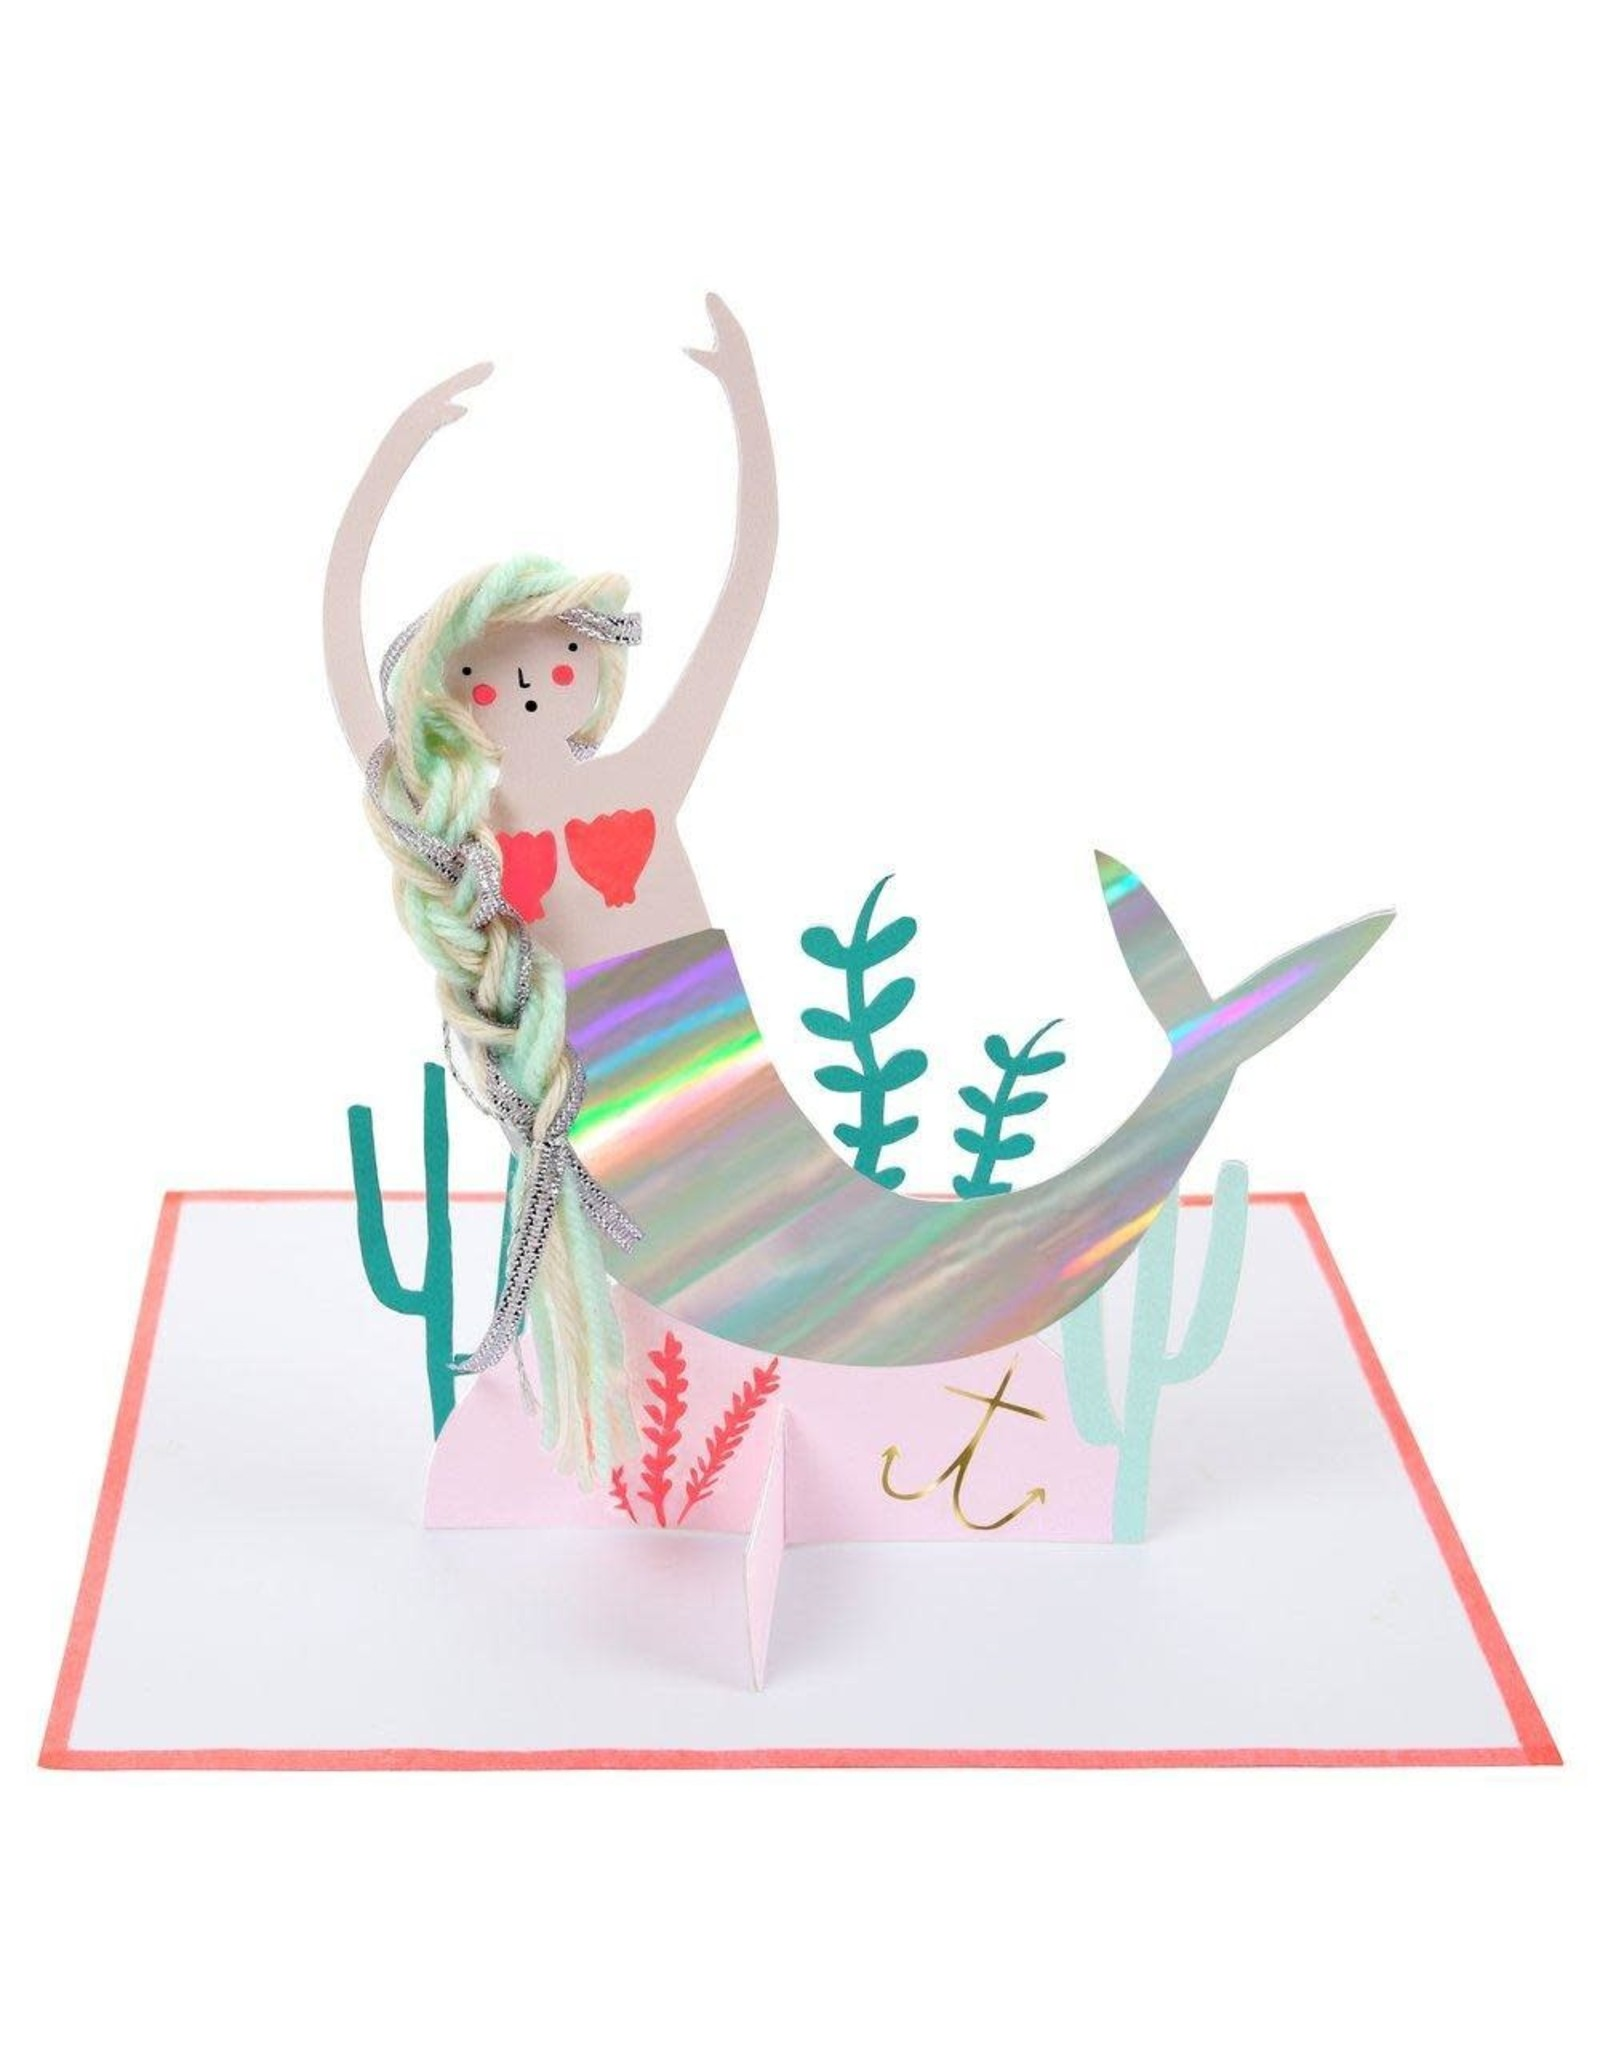 Meri Meri Wenskaart - Mermaid - Stand up + envelop - 13,5 x 18,5 - Blank inside